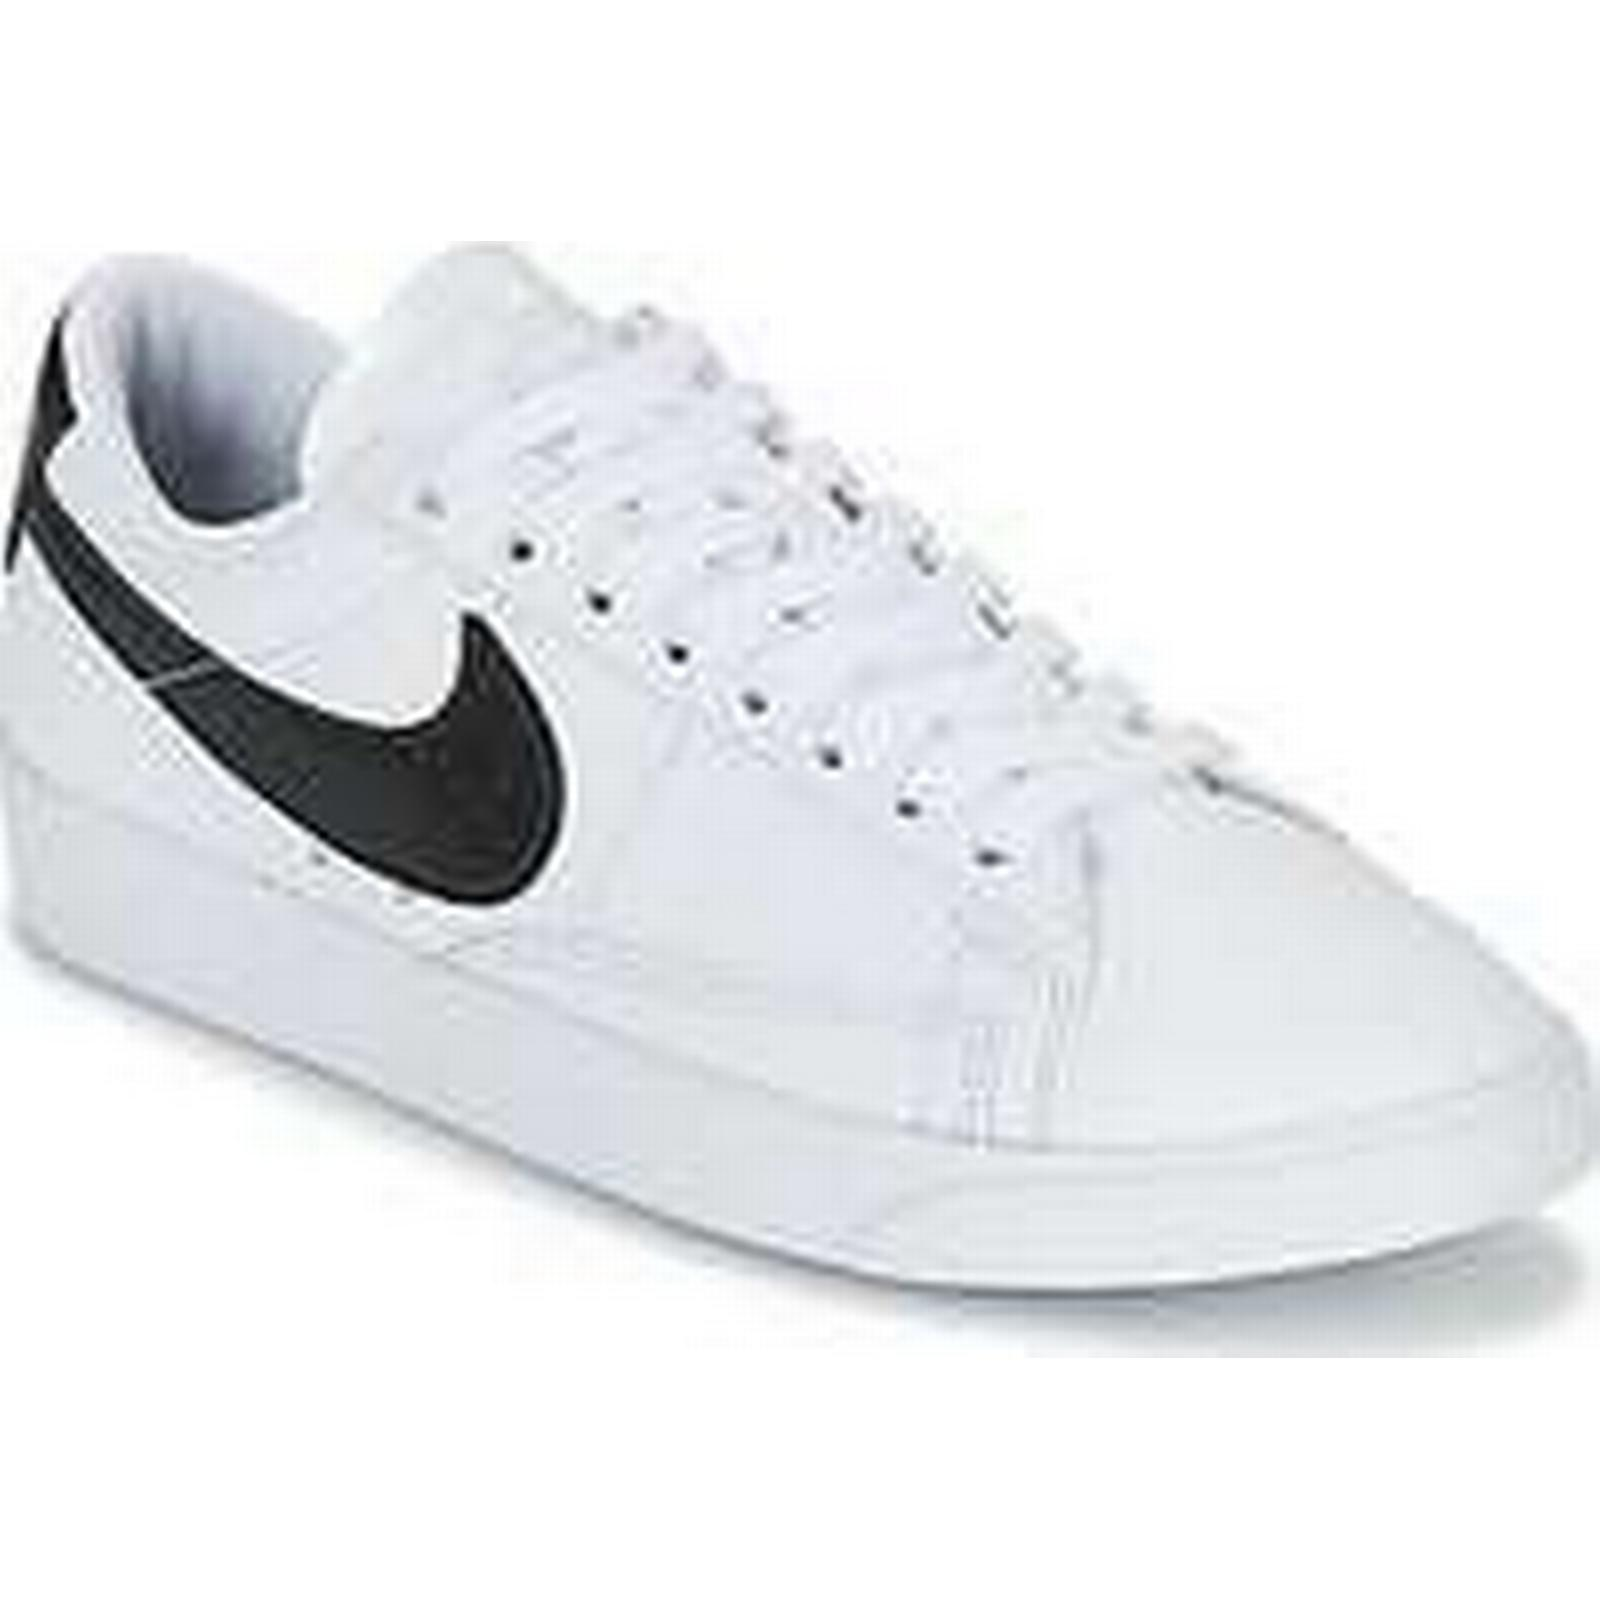 spartoo.co.uk nike blazer faible sse Chaussure m femmes et #  ; s Chaussure sse s formateurs en blanc 7a67c2